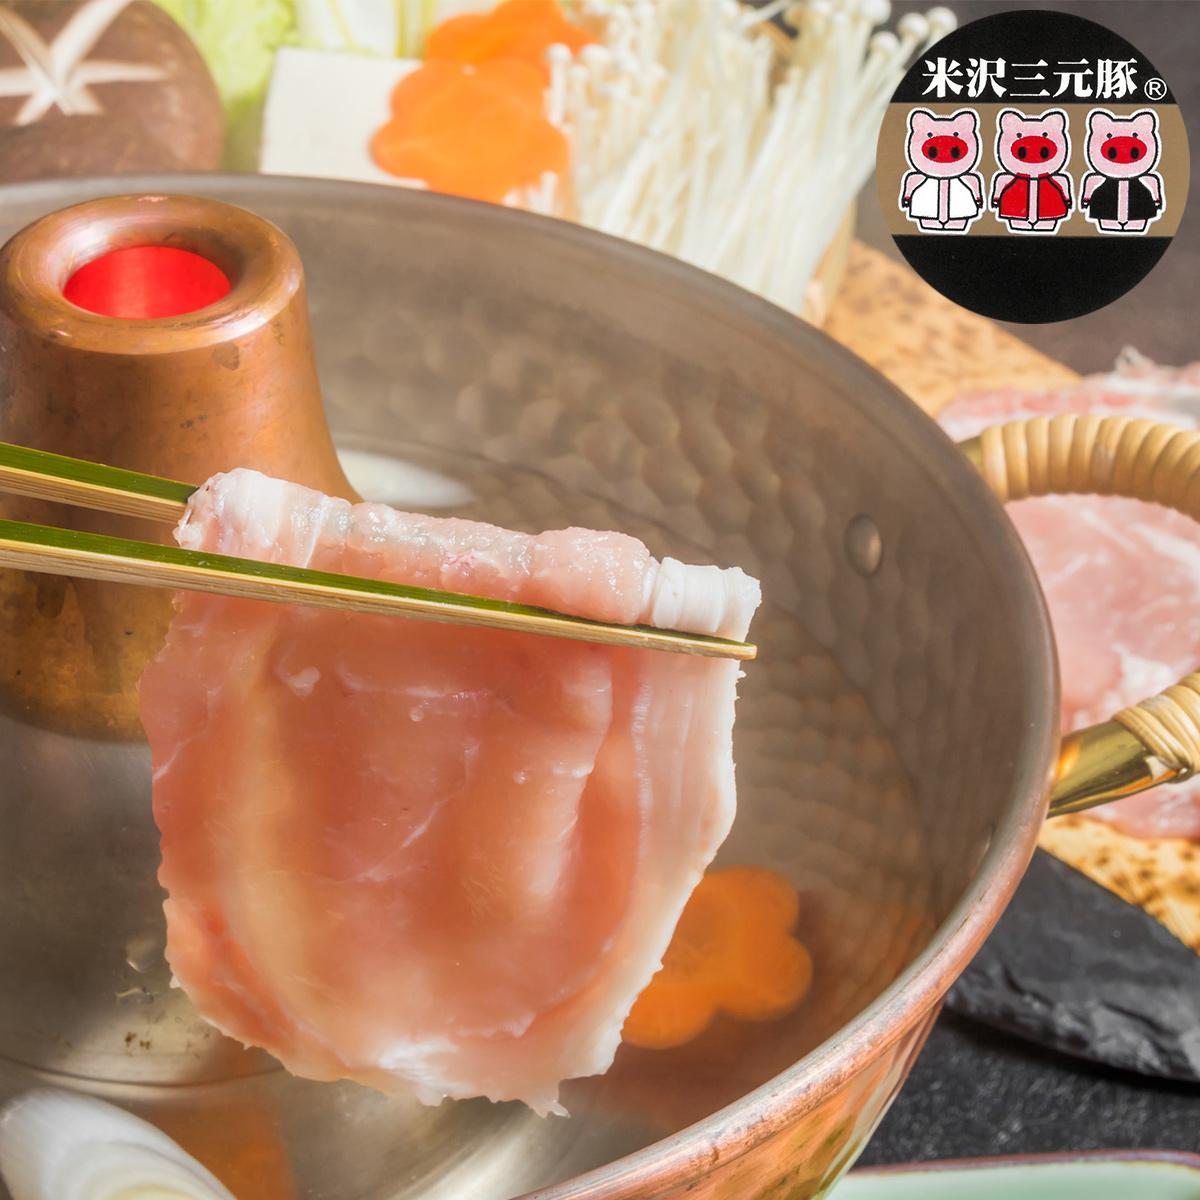 【産直】山形県 米沢三元豚しゃぶしゃぶ 400g